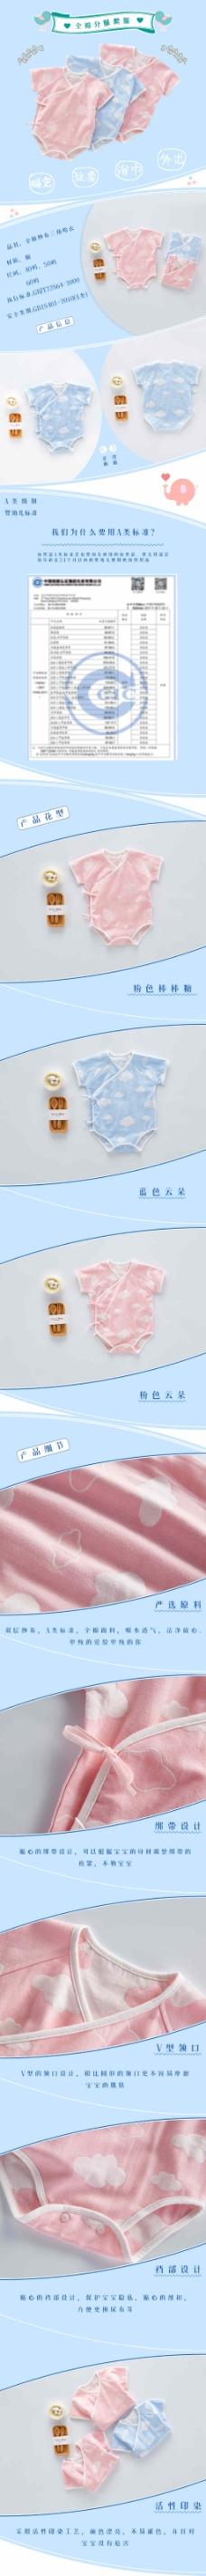 婴幼儿用品爬服肚兜睡袋